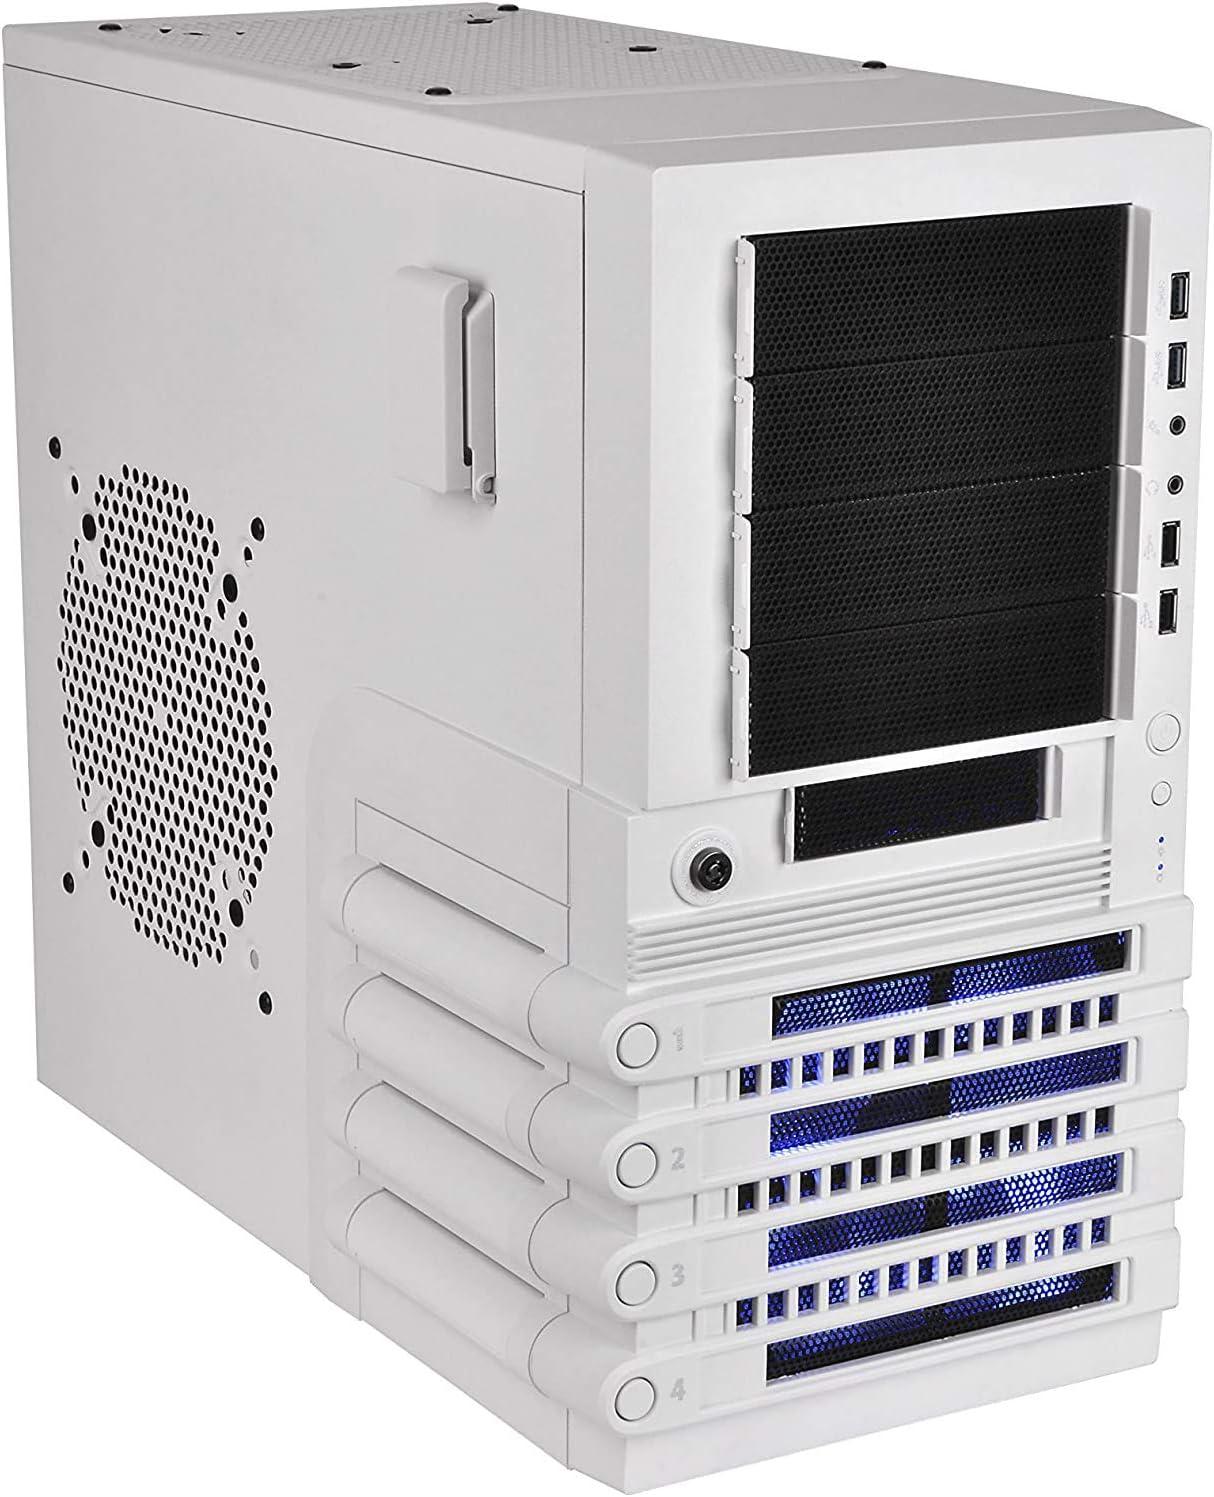 Adamant Custom 3D Modelling Solidworks CAD CAM Workstation Computer Intel Core i9 9900K 3.6Ghz 64Gb DDR4 RAM 4TB HDD 500Gb SSD 750W PSU Wi-Fi Quadro RTX 4000 8Gb